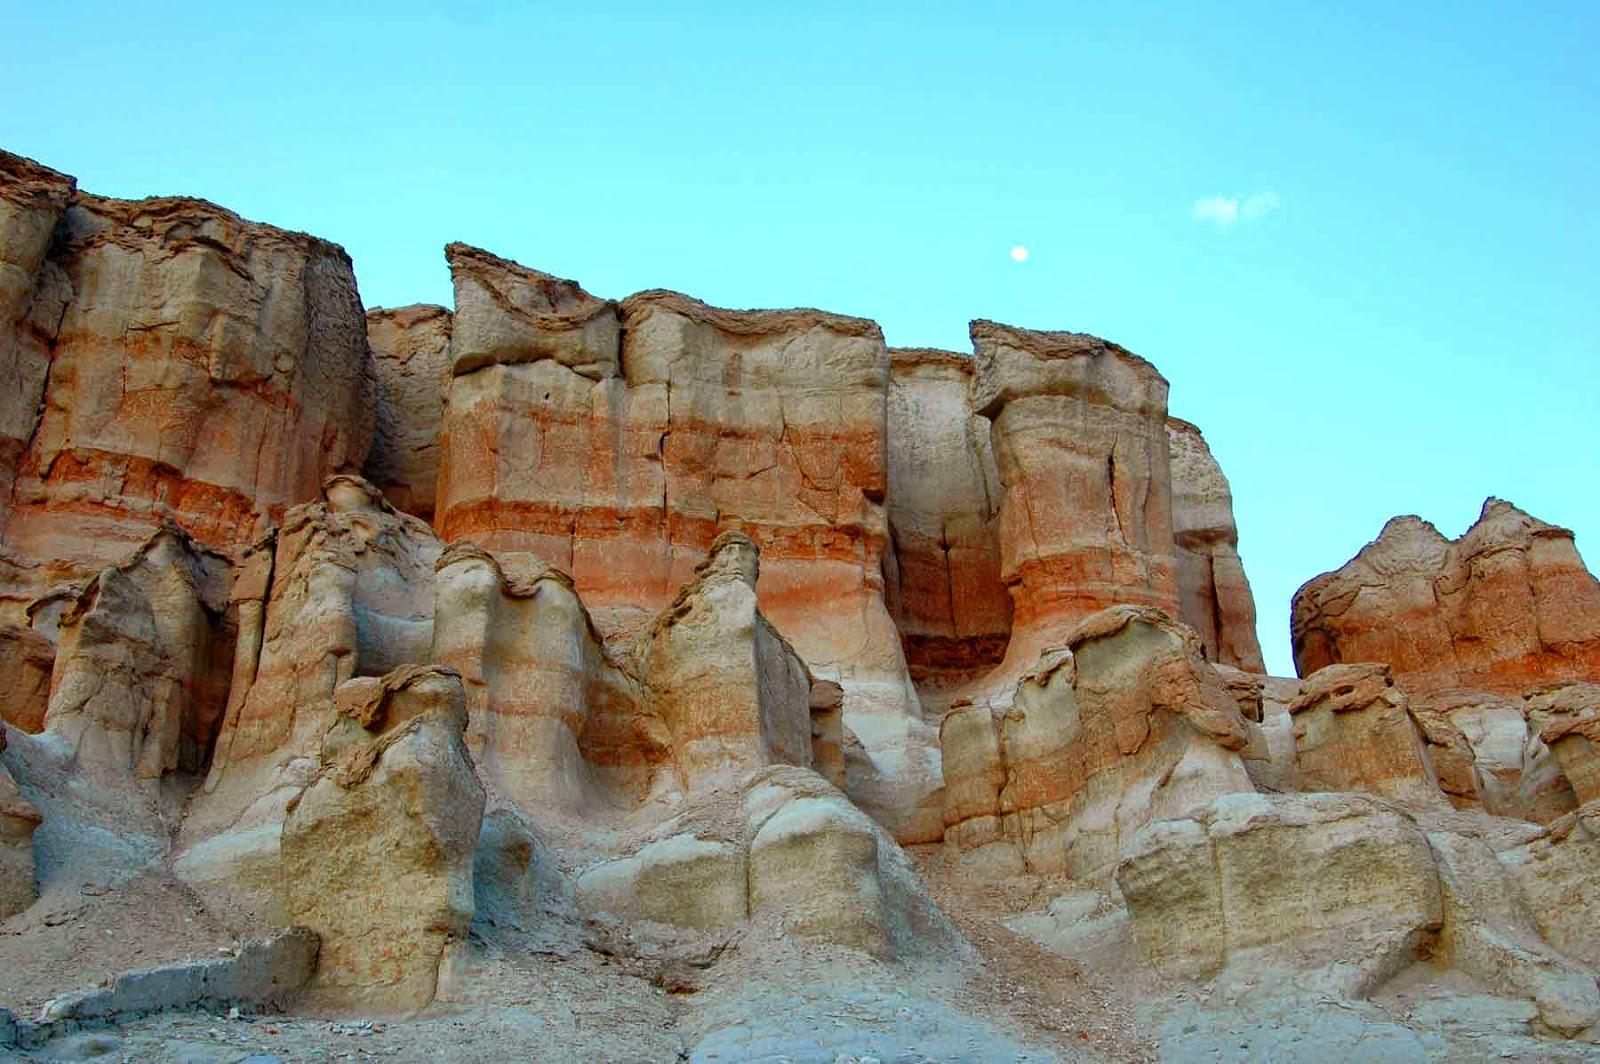 صورة تظهر طبيعة بعض الجبال في المملكة العربية السعودية